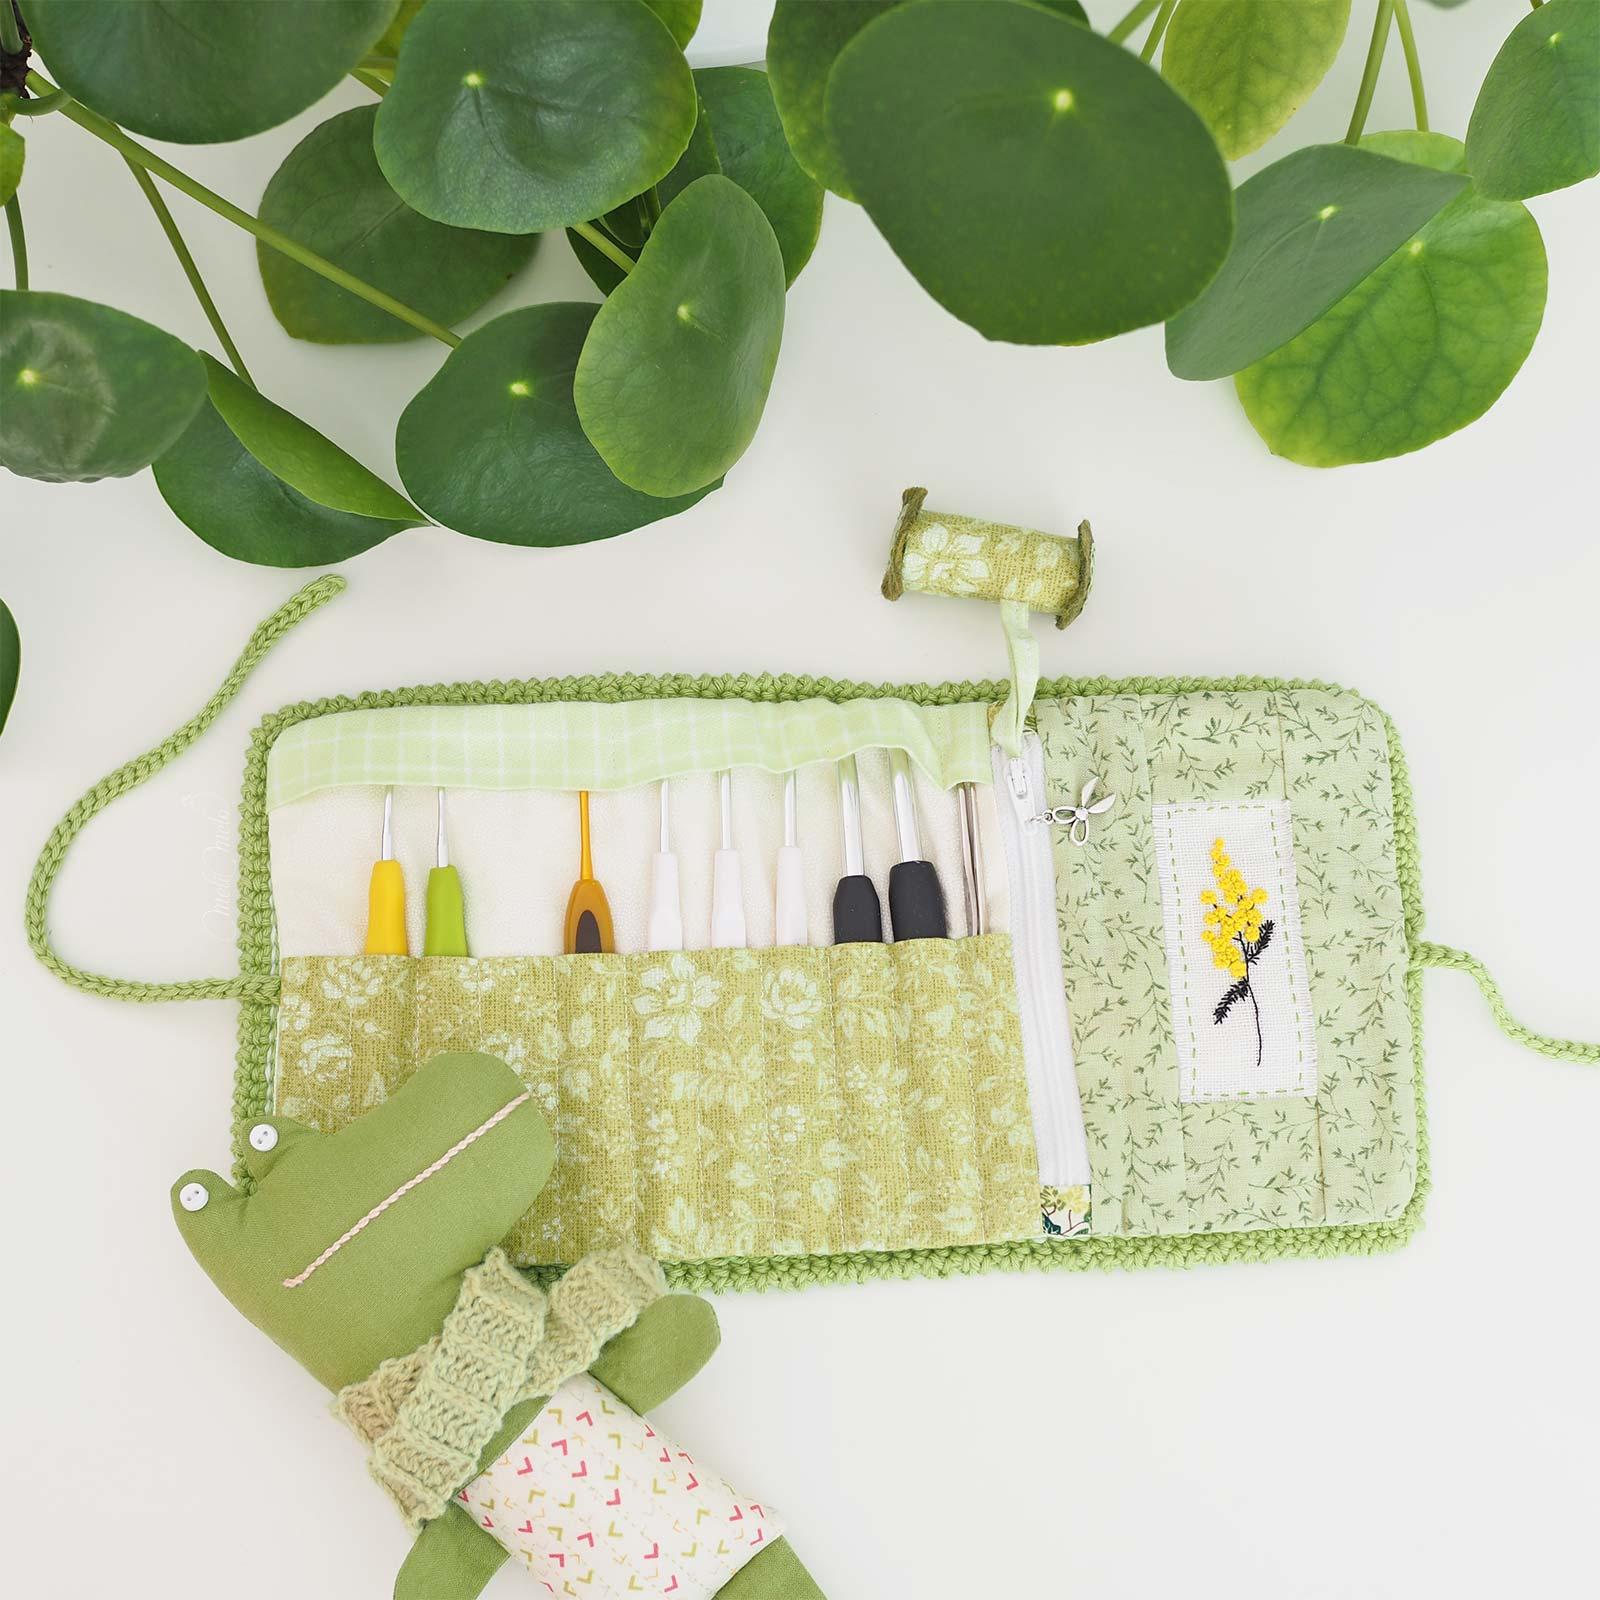 pochette-crochet-broderie-mimosa-mafabriquebykaro-laboutiquedemelimelo